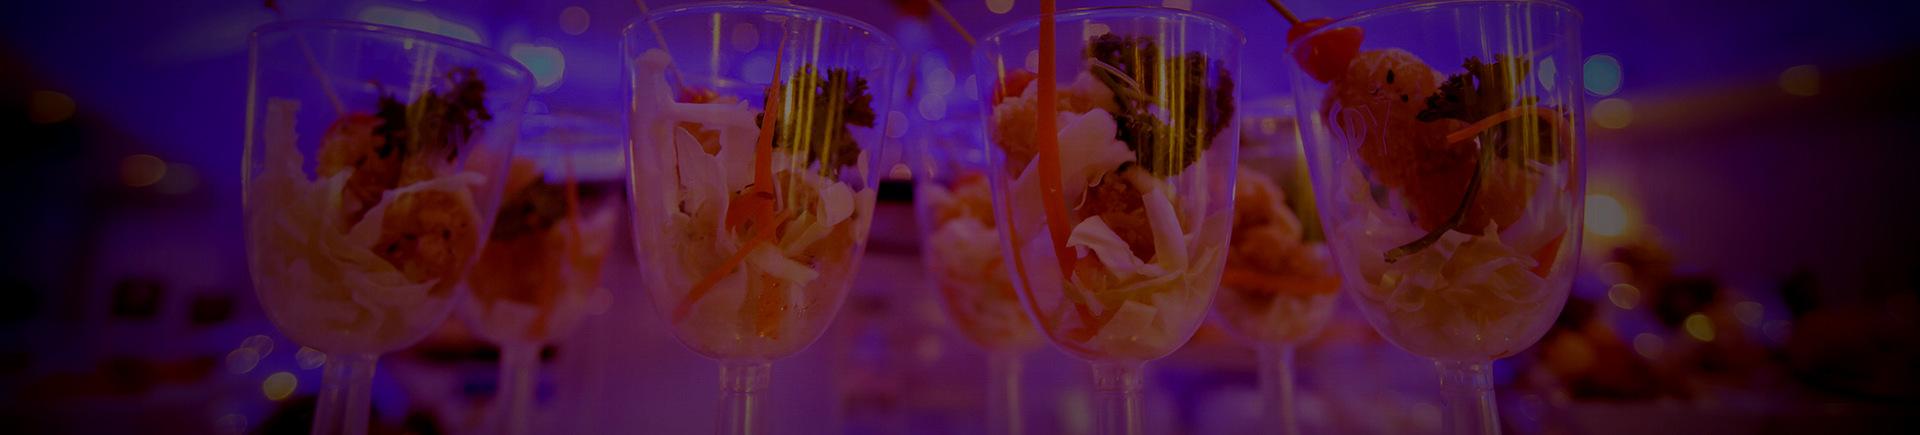 geluidsystemen-huren-dj-artiest-band-venlo-limburg-dansen-feesten-drinken-bruiloft-huwelijksfeest-dansen